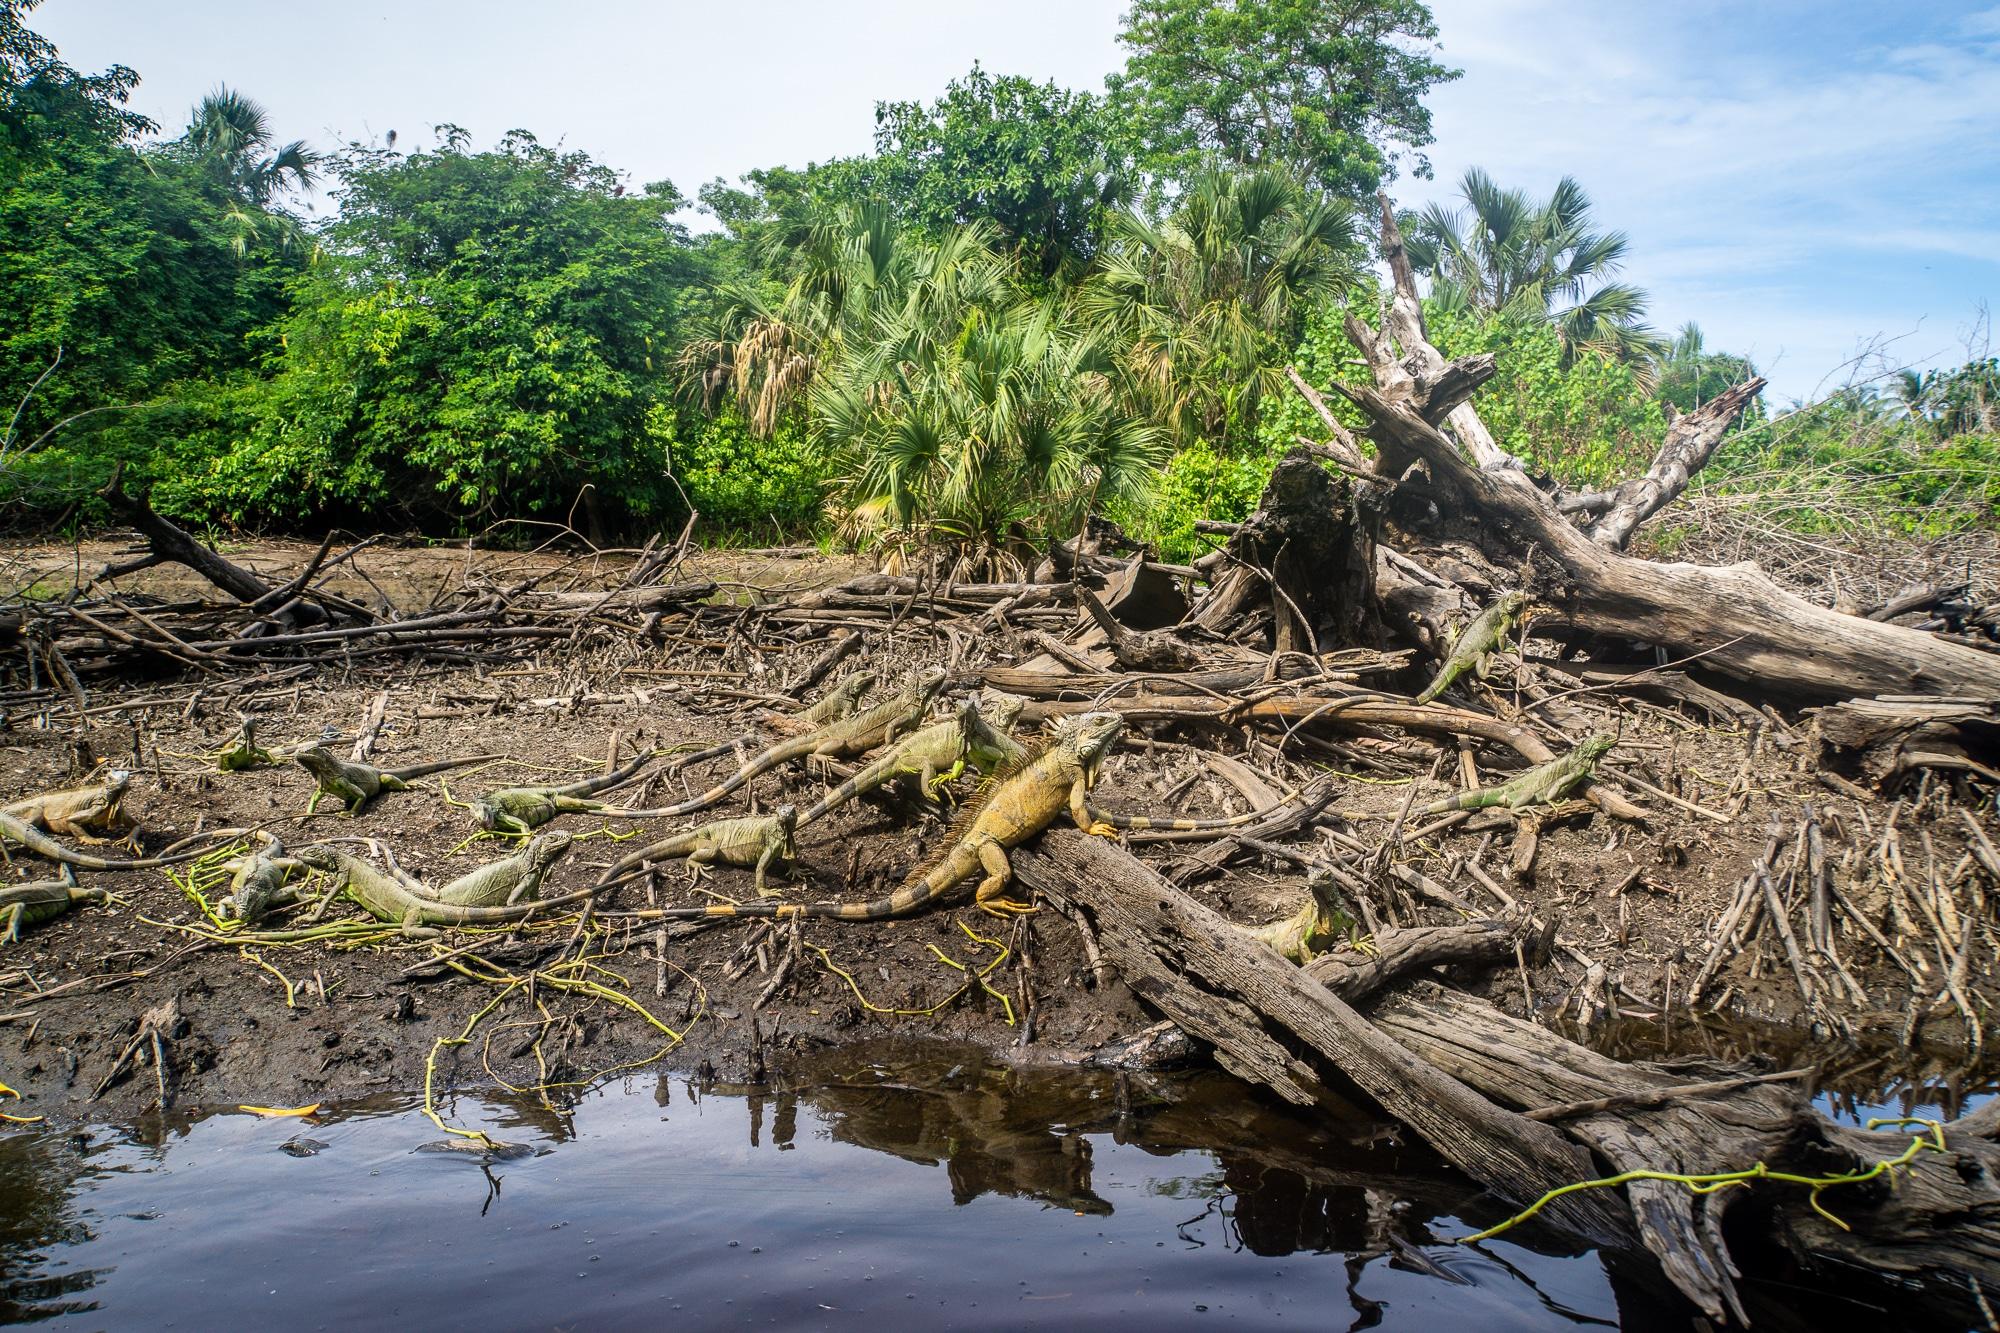 Laguna Ventanilla: Krokodile, Iguanas und Vögel beobachten in Mazunte - Iguanas